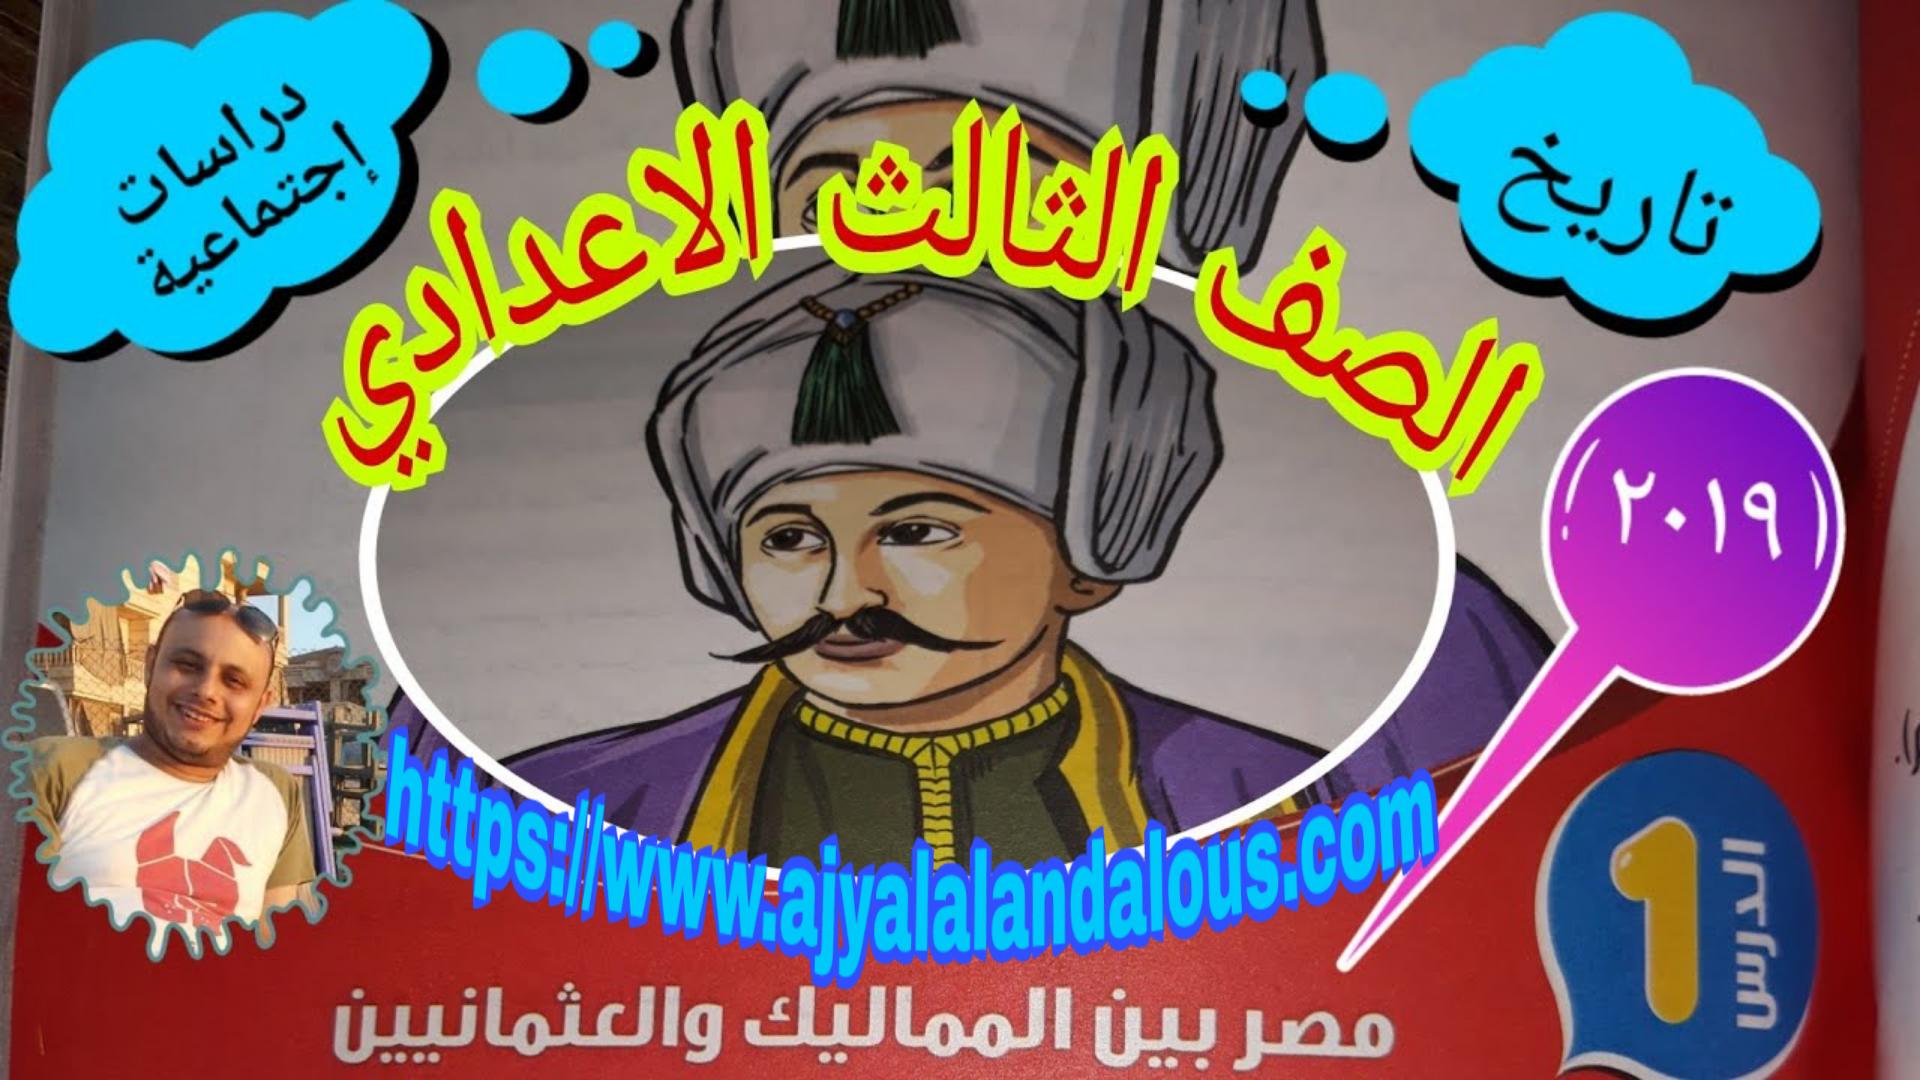 اسئلة هامة | مصر تحت الحكم العثماني | درس مصر بين المماليك والعثمانيين |الصف الثالث الاعدادي | دراسات اجتماعية.